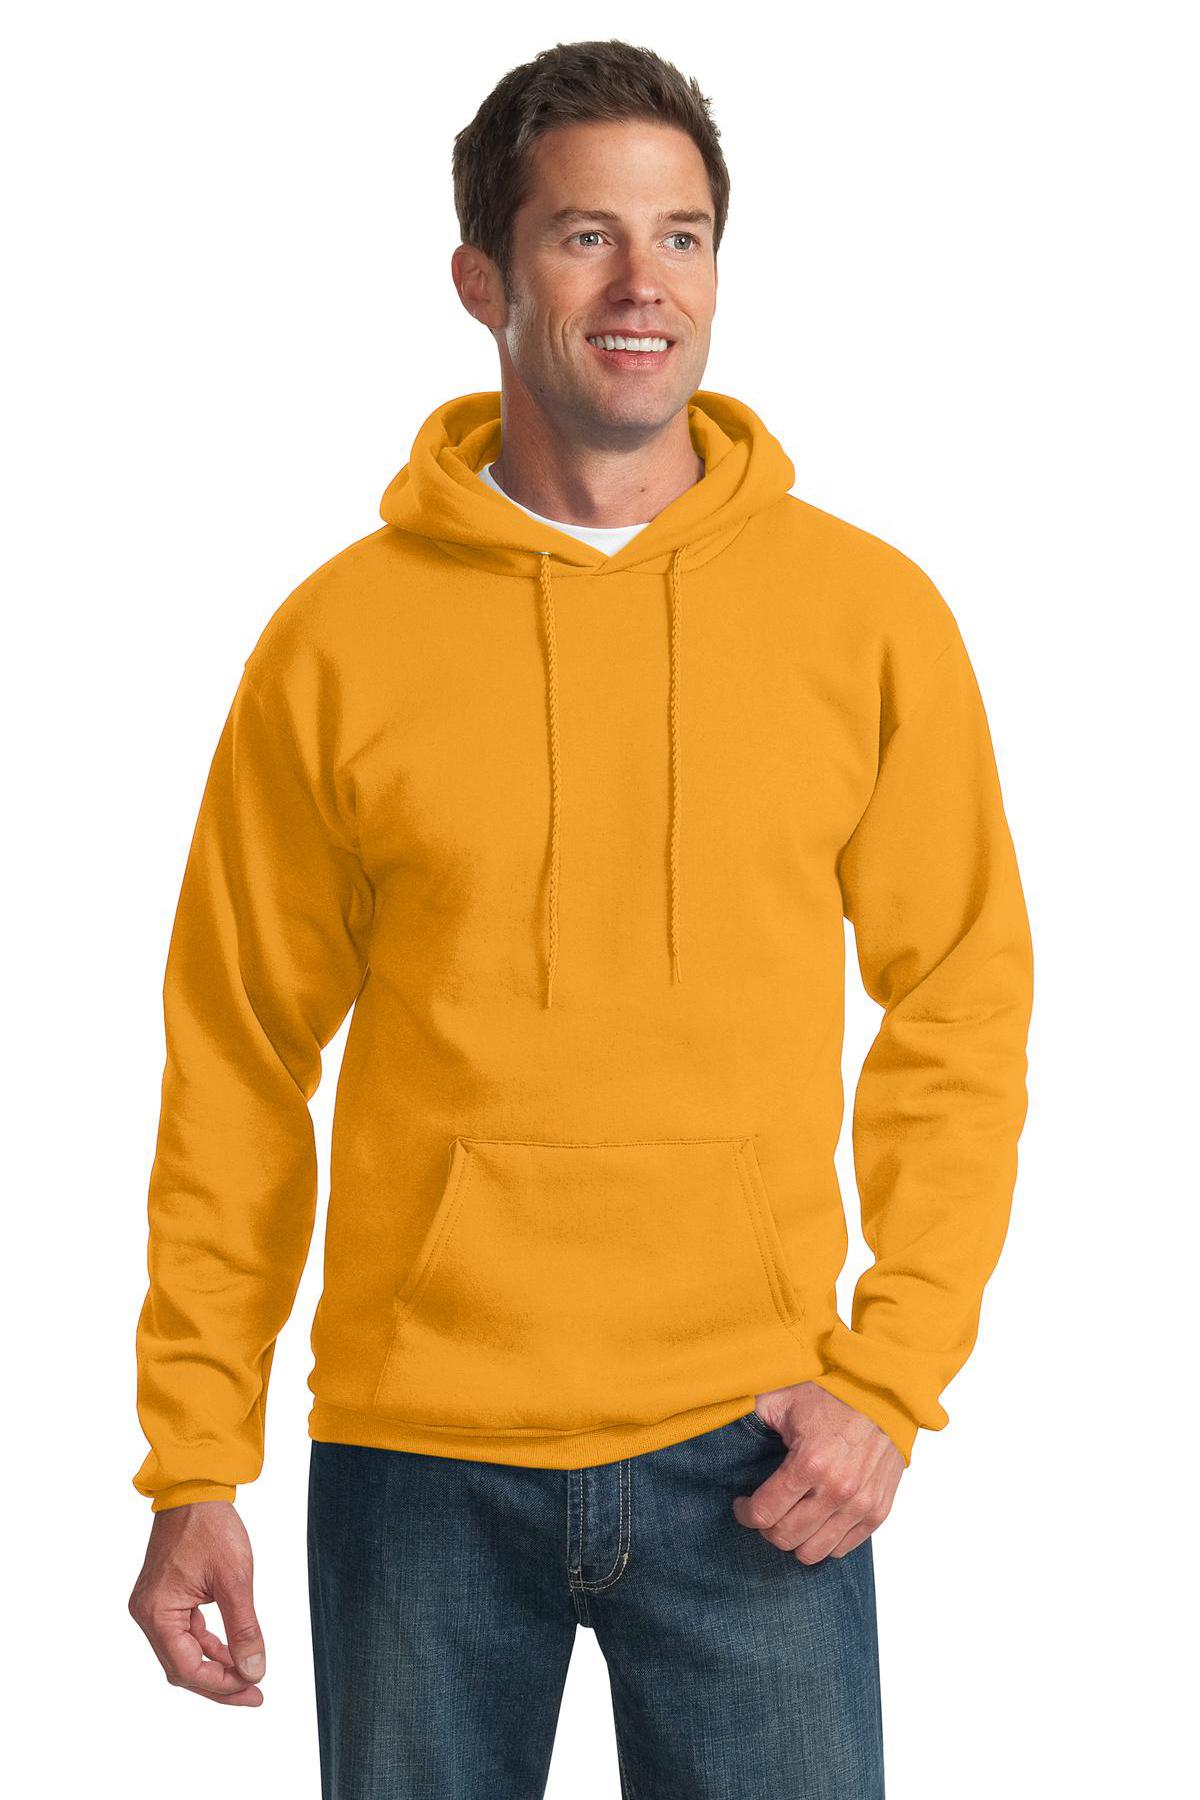 Sweatshirts-Fleece-Hooded-44